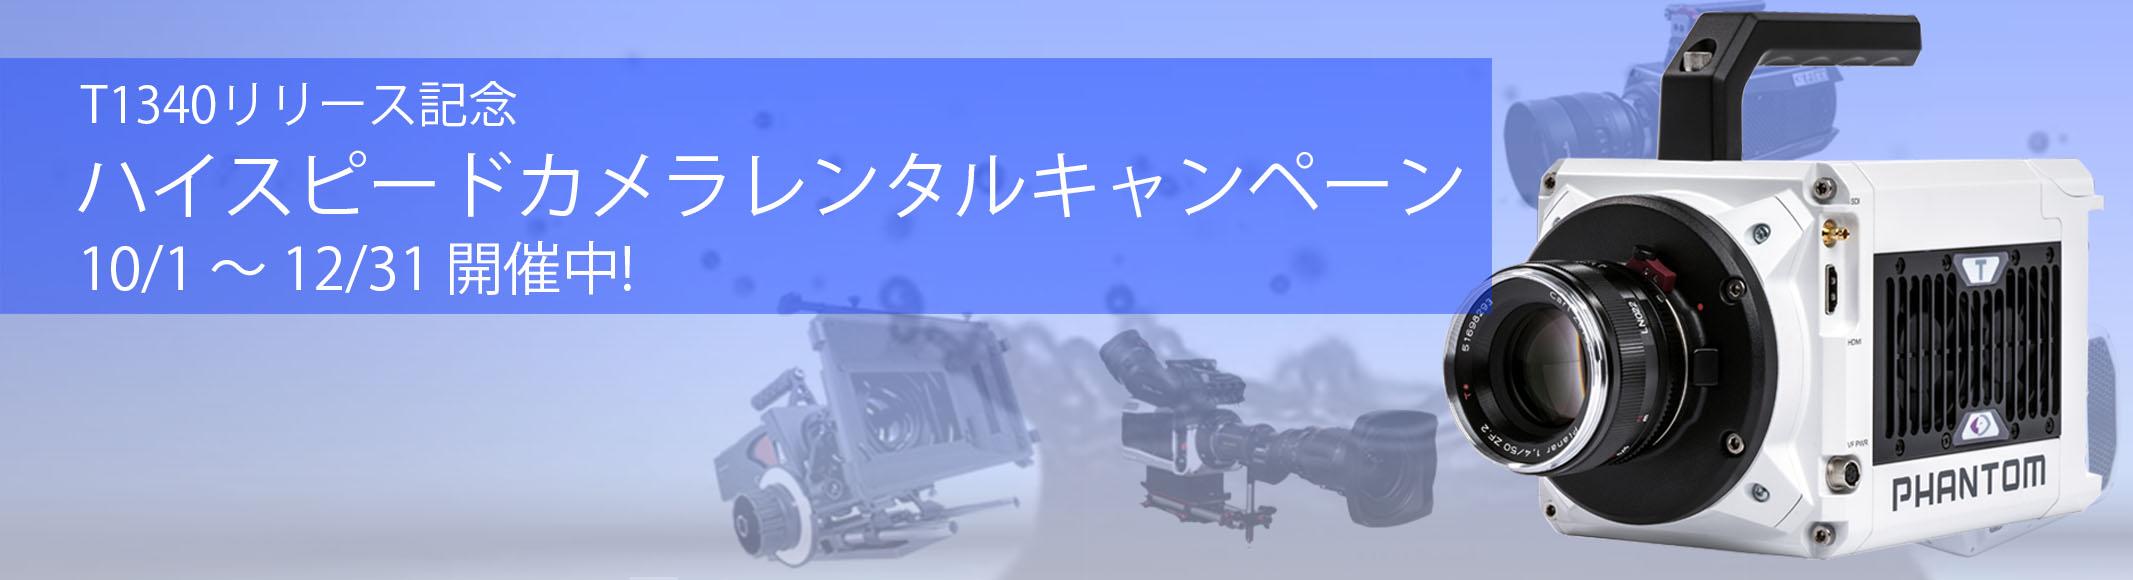 """ハイスピードカメラ体験キャンペーン& Vision Research """"Phantom T1340 """"発売開始"""